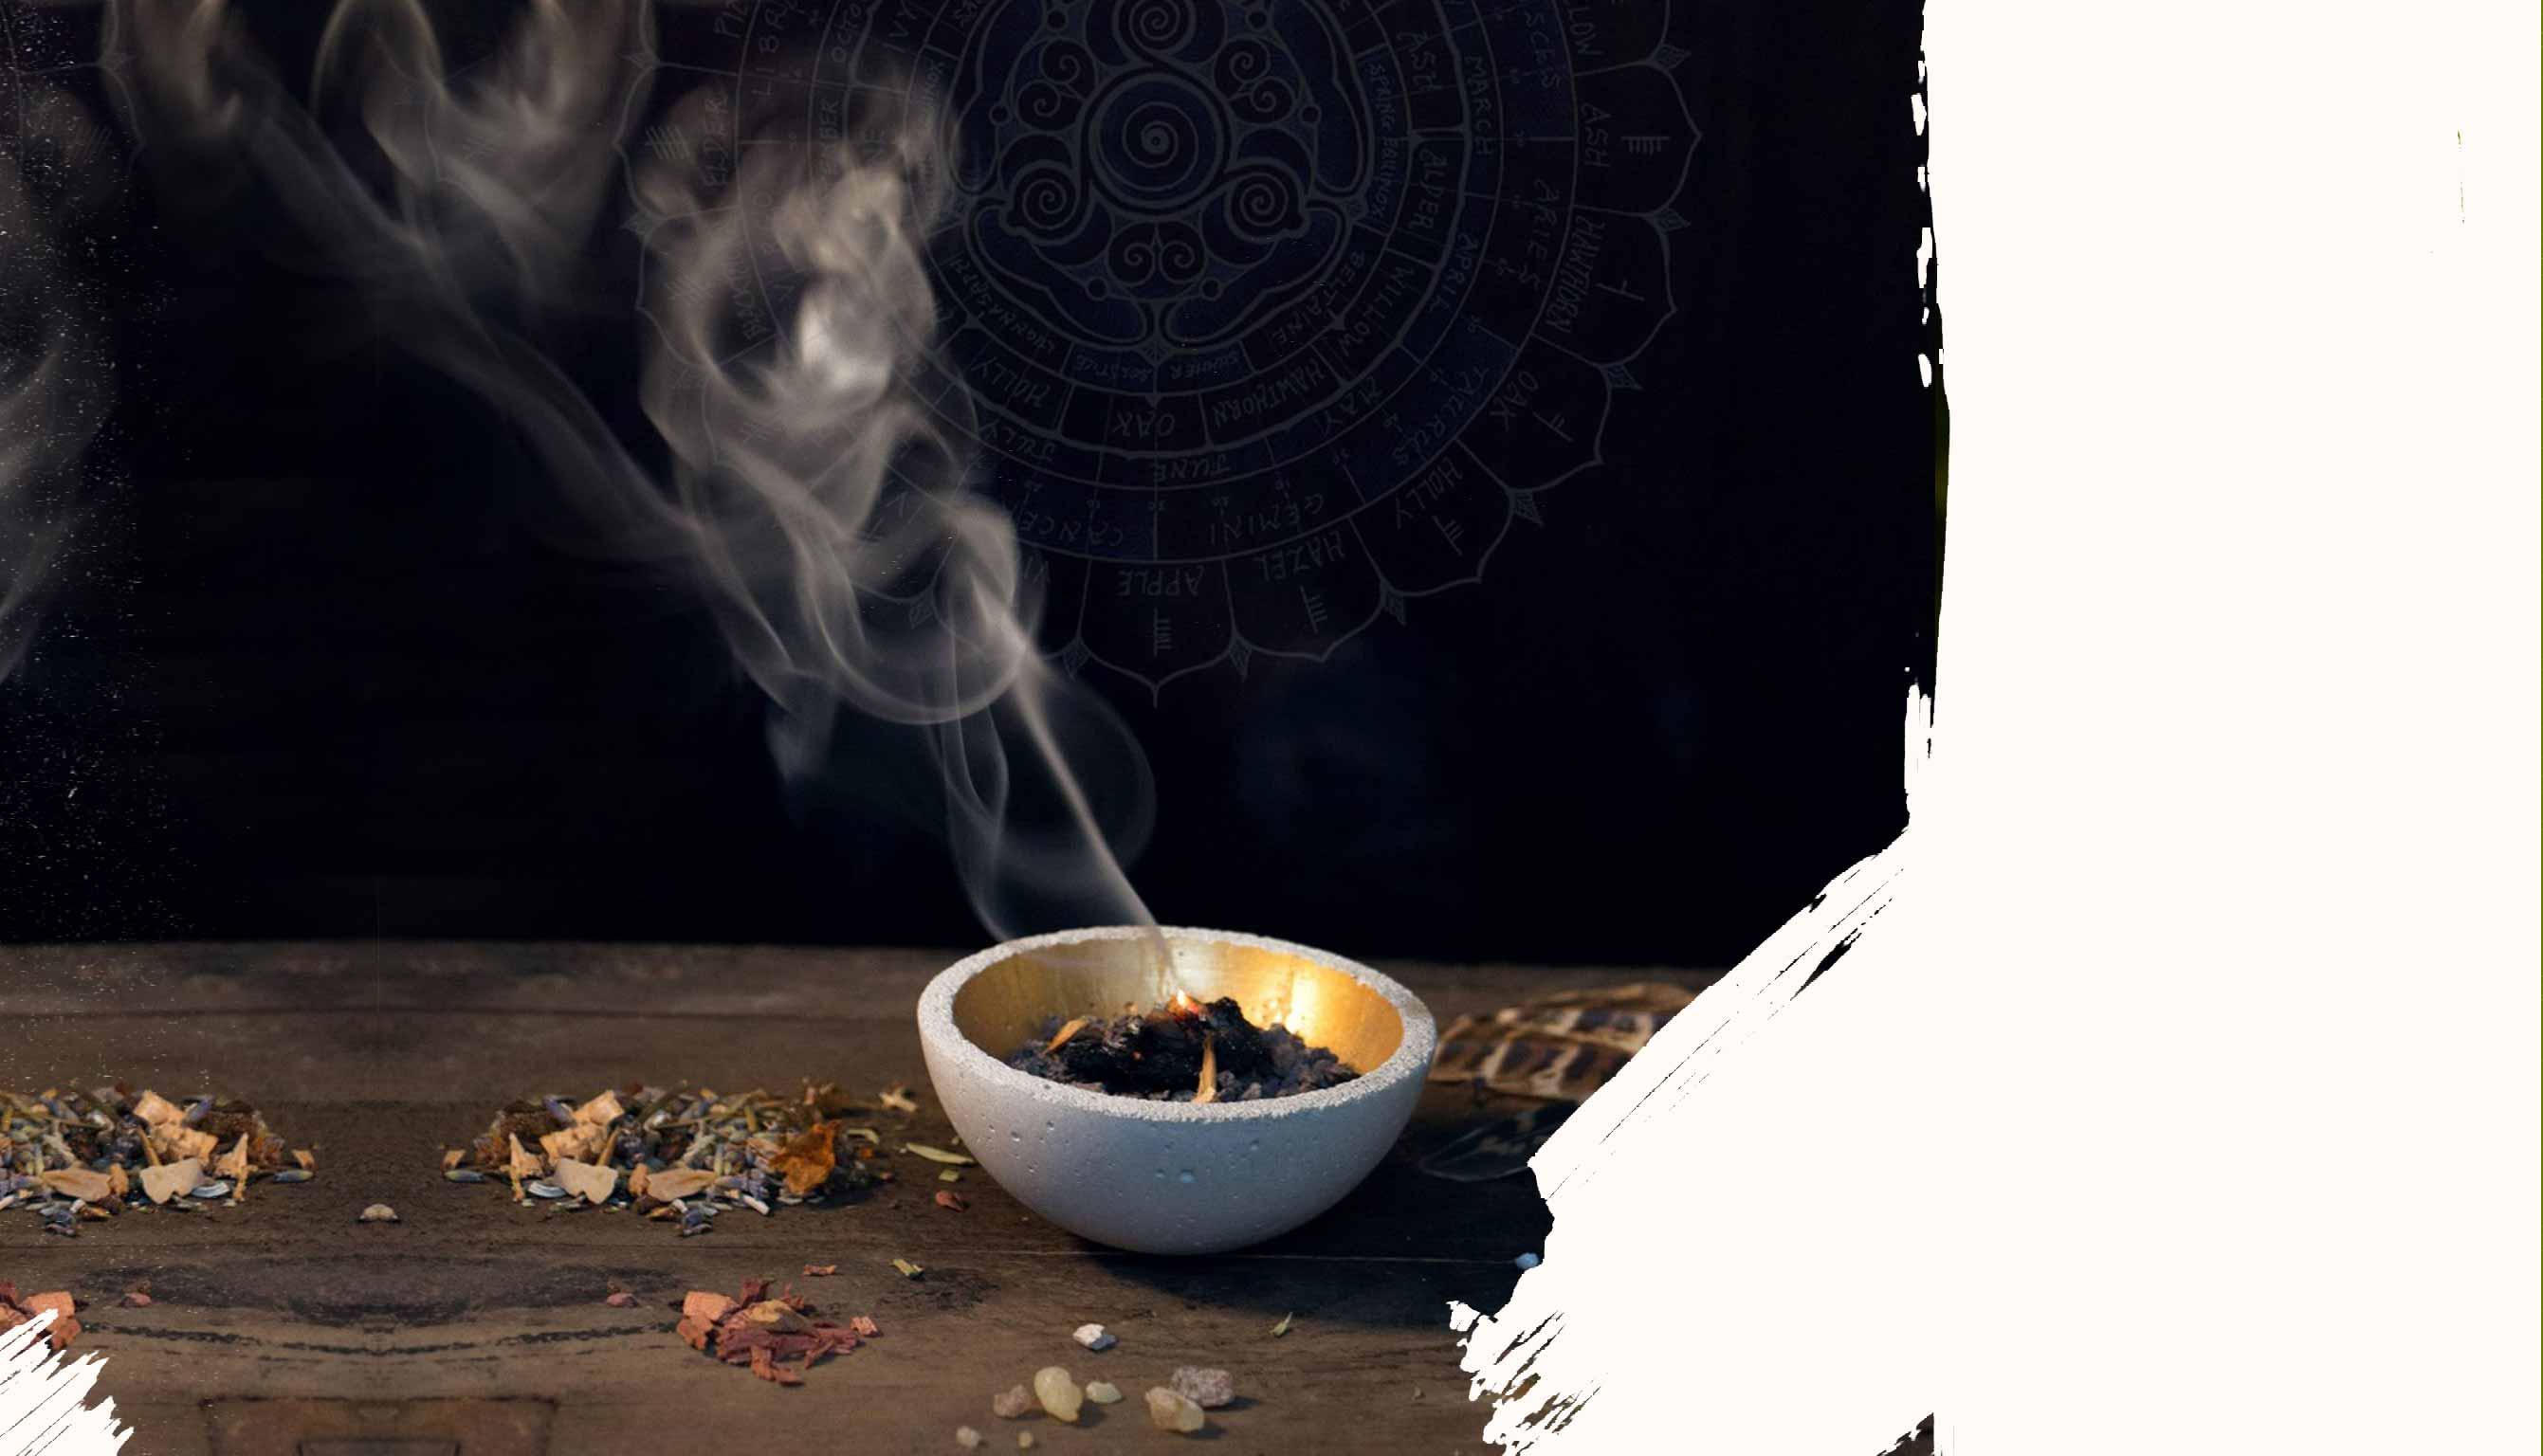 Der Herbal Hunter Kräuterkalender. Hier findest du ausgewählte Veranstaltungen und Ausflugstipps für Kräuterjäger, Naturfreunde, Barfußläufer, Entdecker, Beobachter und solche, die es werden wollen.